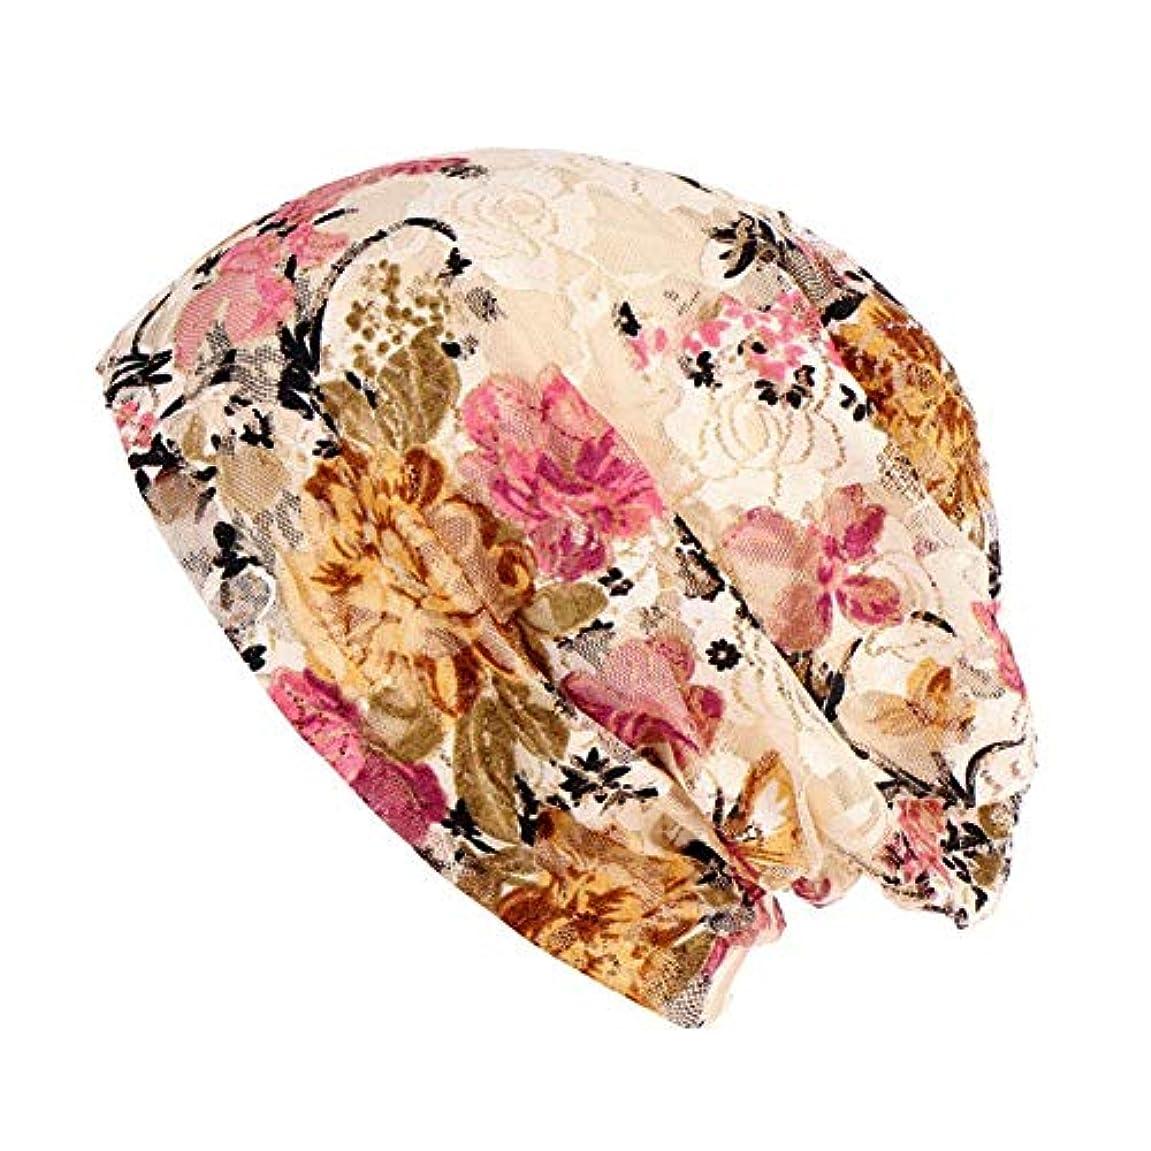 放置シンカン従者ヘッドスカーフ レディース ビーニーハット レディース 柔らかい 多用途 頭飾り 軽量 通気性 眠り、化学療法 、 キャンサーと脱毛症